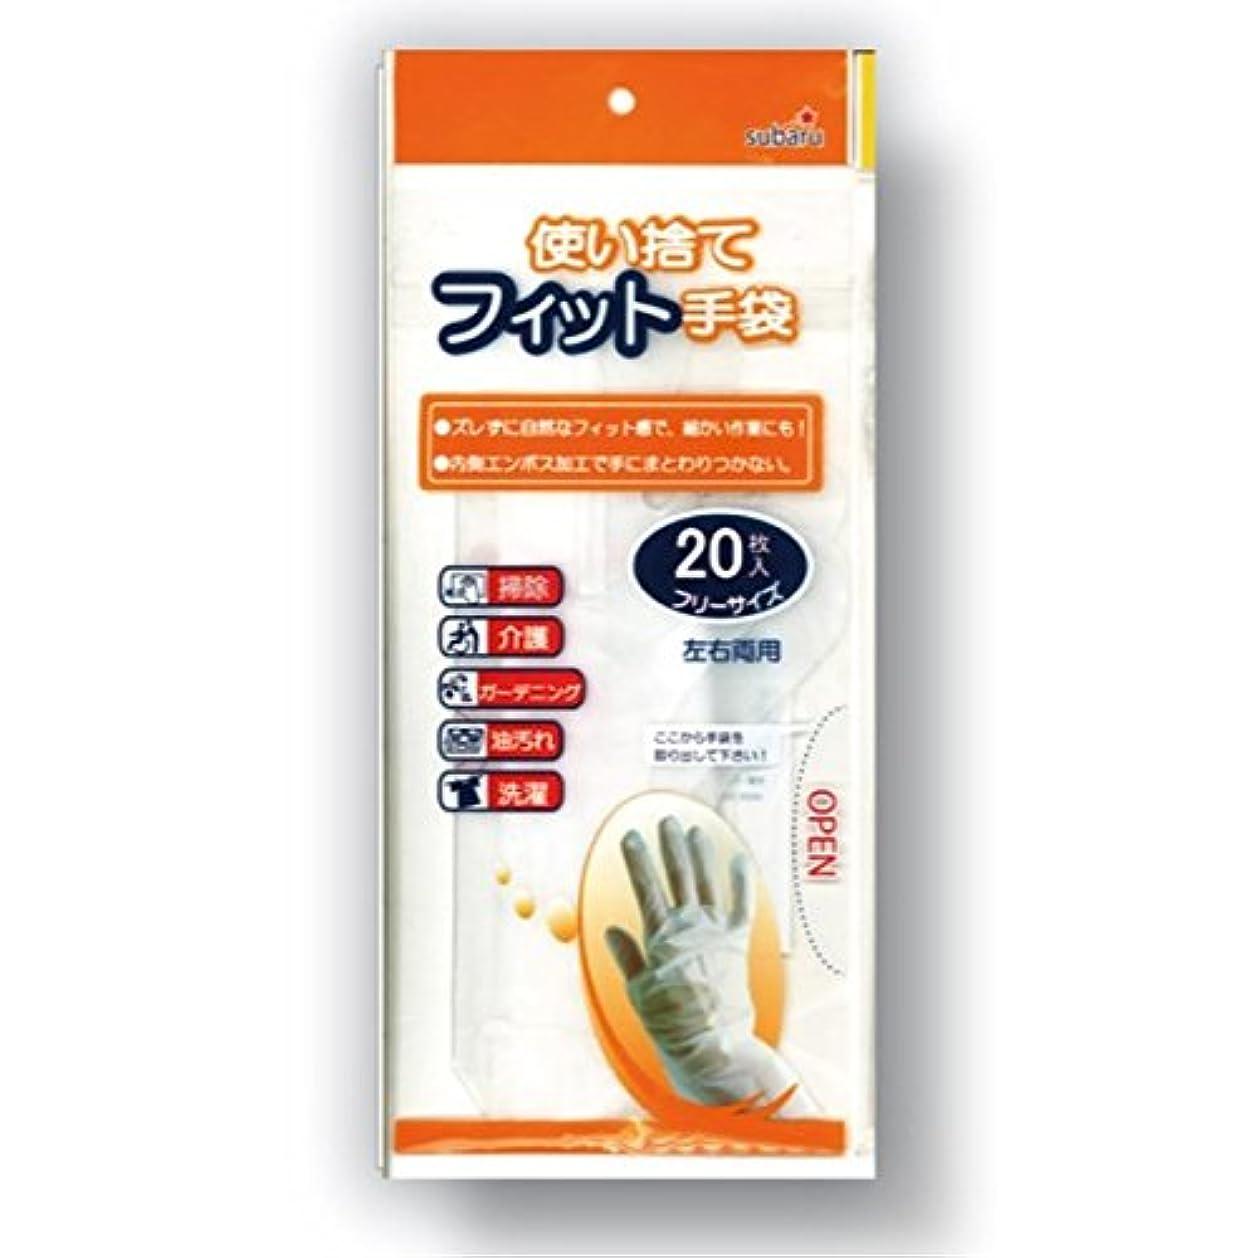 結び目現れるやがて使い捨てフィット手袋フリーサイズ20枚入[12個セット] 227-19